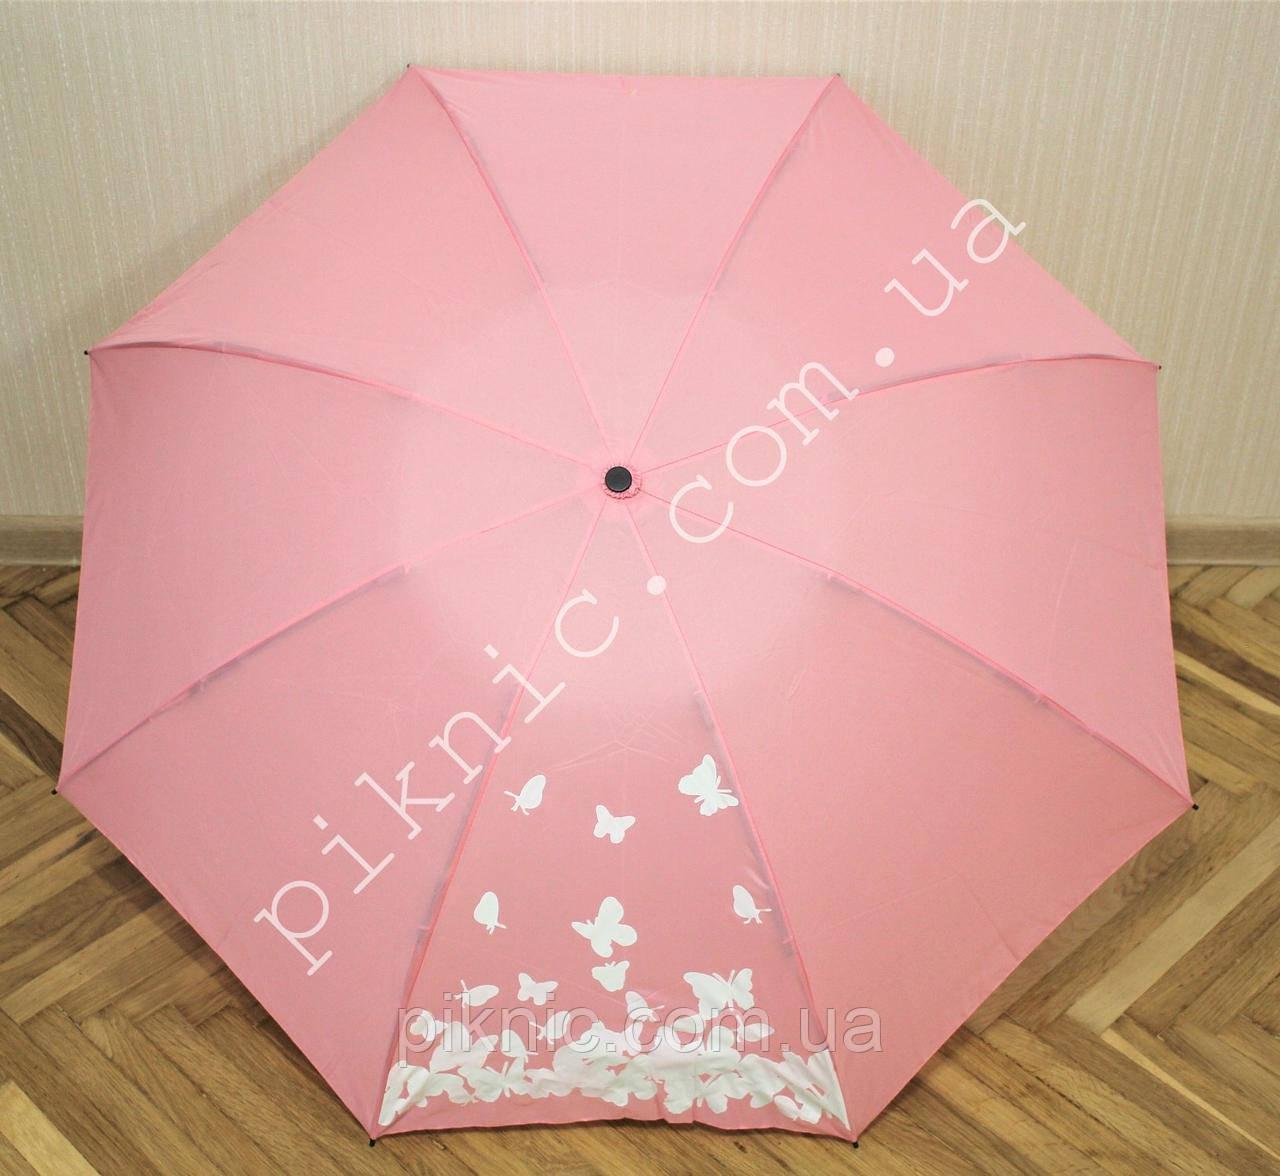 Зонт обратного сложения компактный полный автомат. Женский зонтик от дождя. Рисунок меняет цвет.